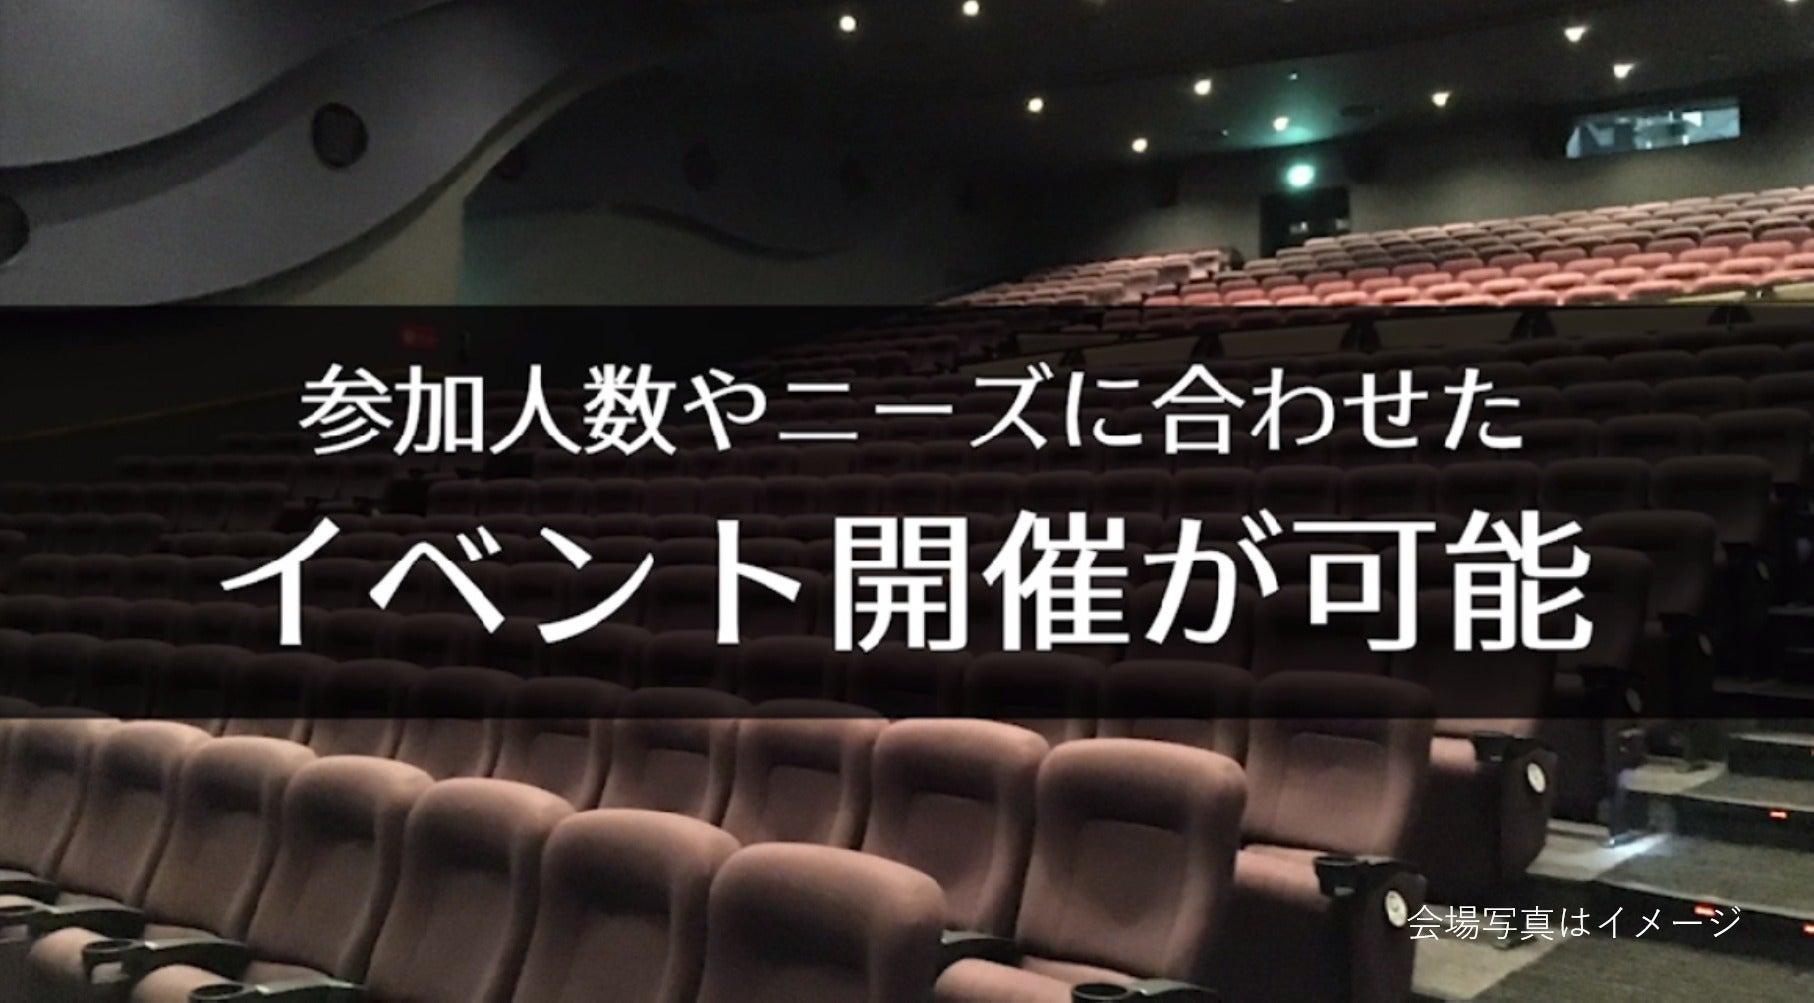 【幕張 164席】映画館で、会社説明会、株主総会、講演会の企画はいかがですか?